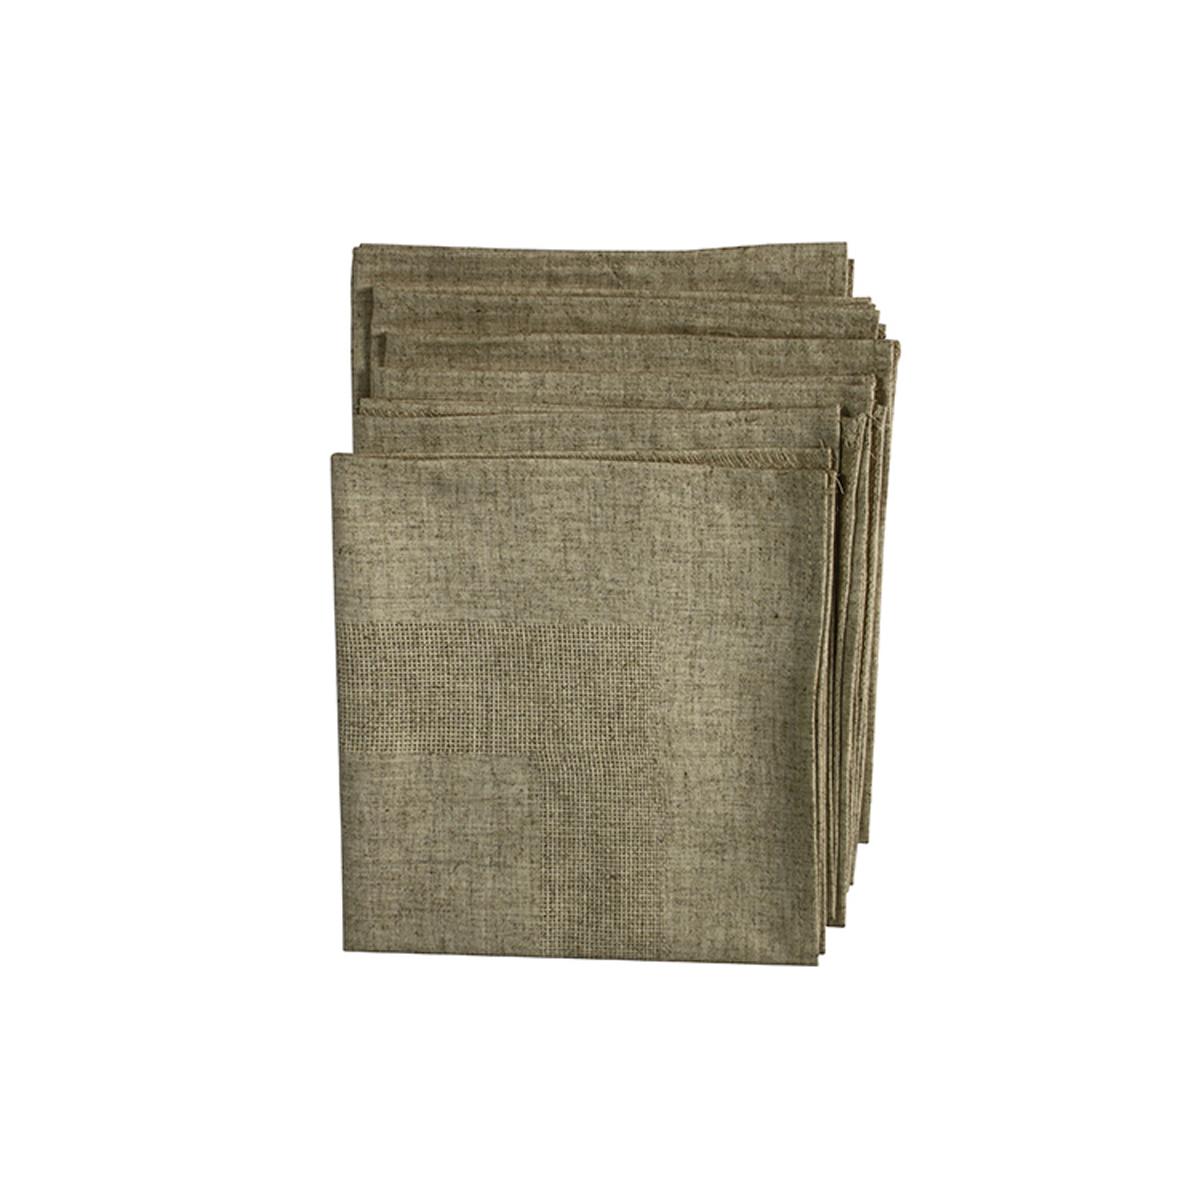 Салфетка лен Alisena 36 x 36 см 6шт в упаковке486099